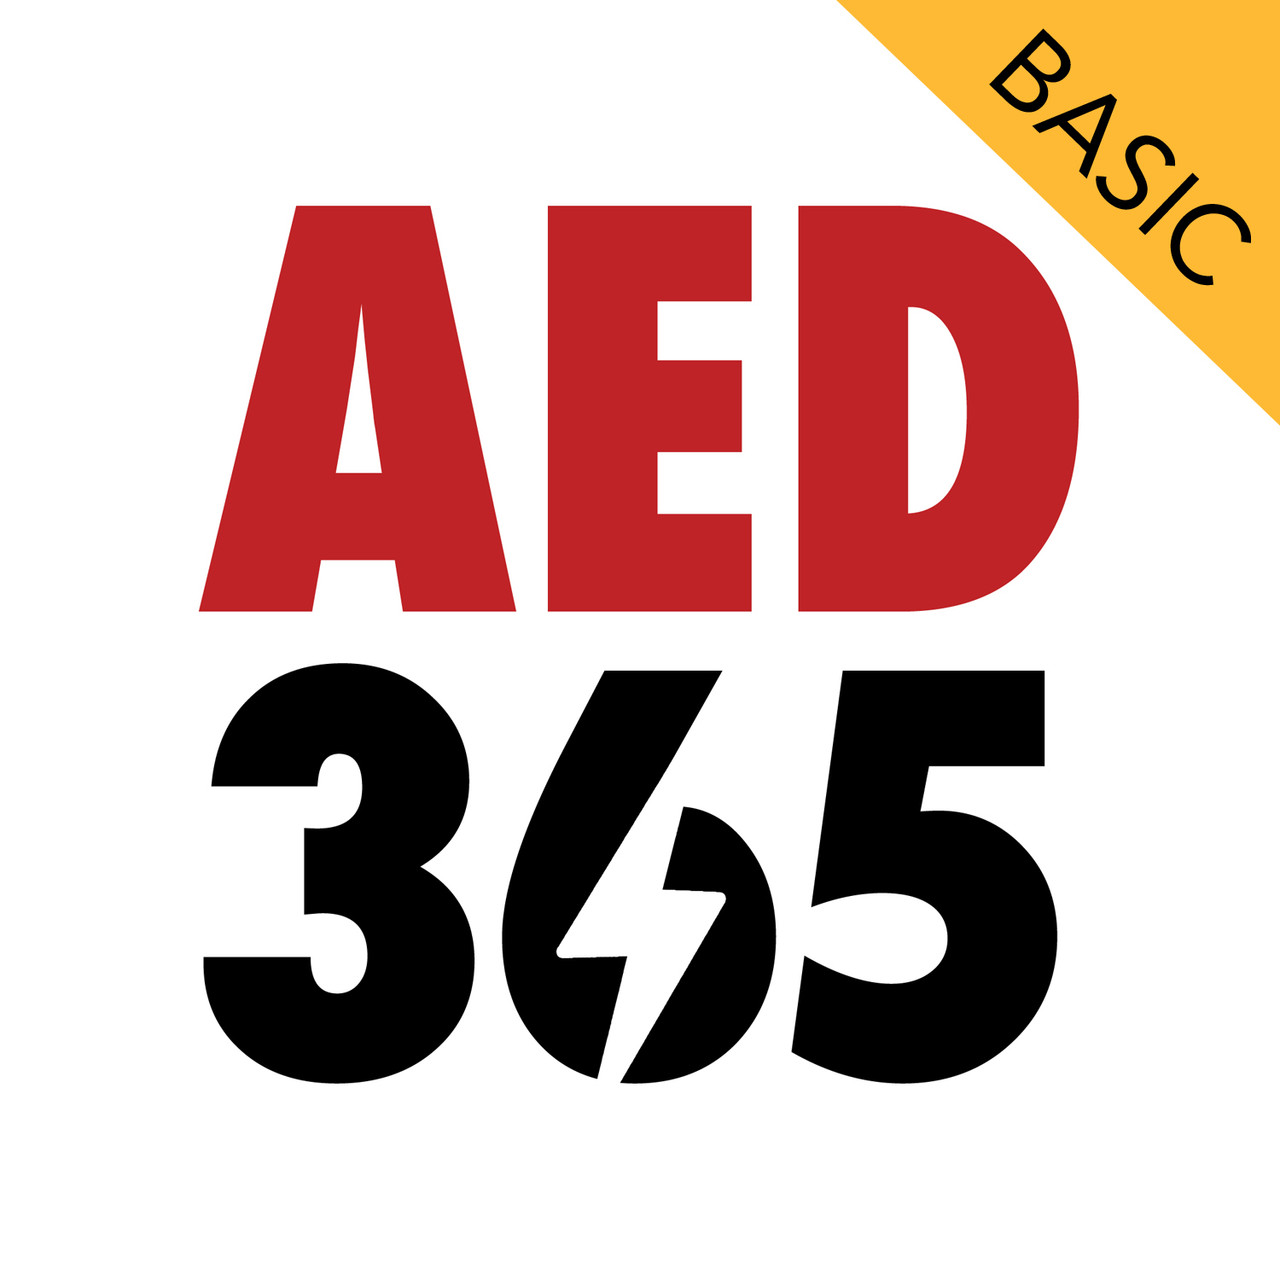 AED365 Program Management